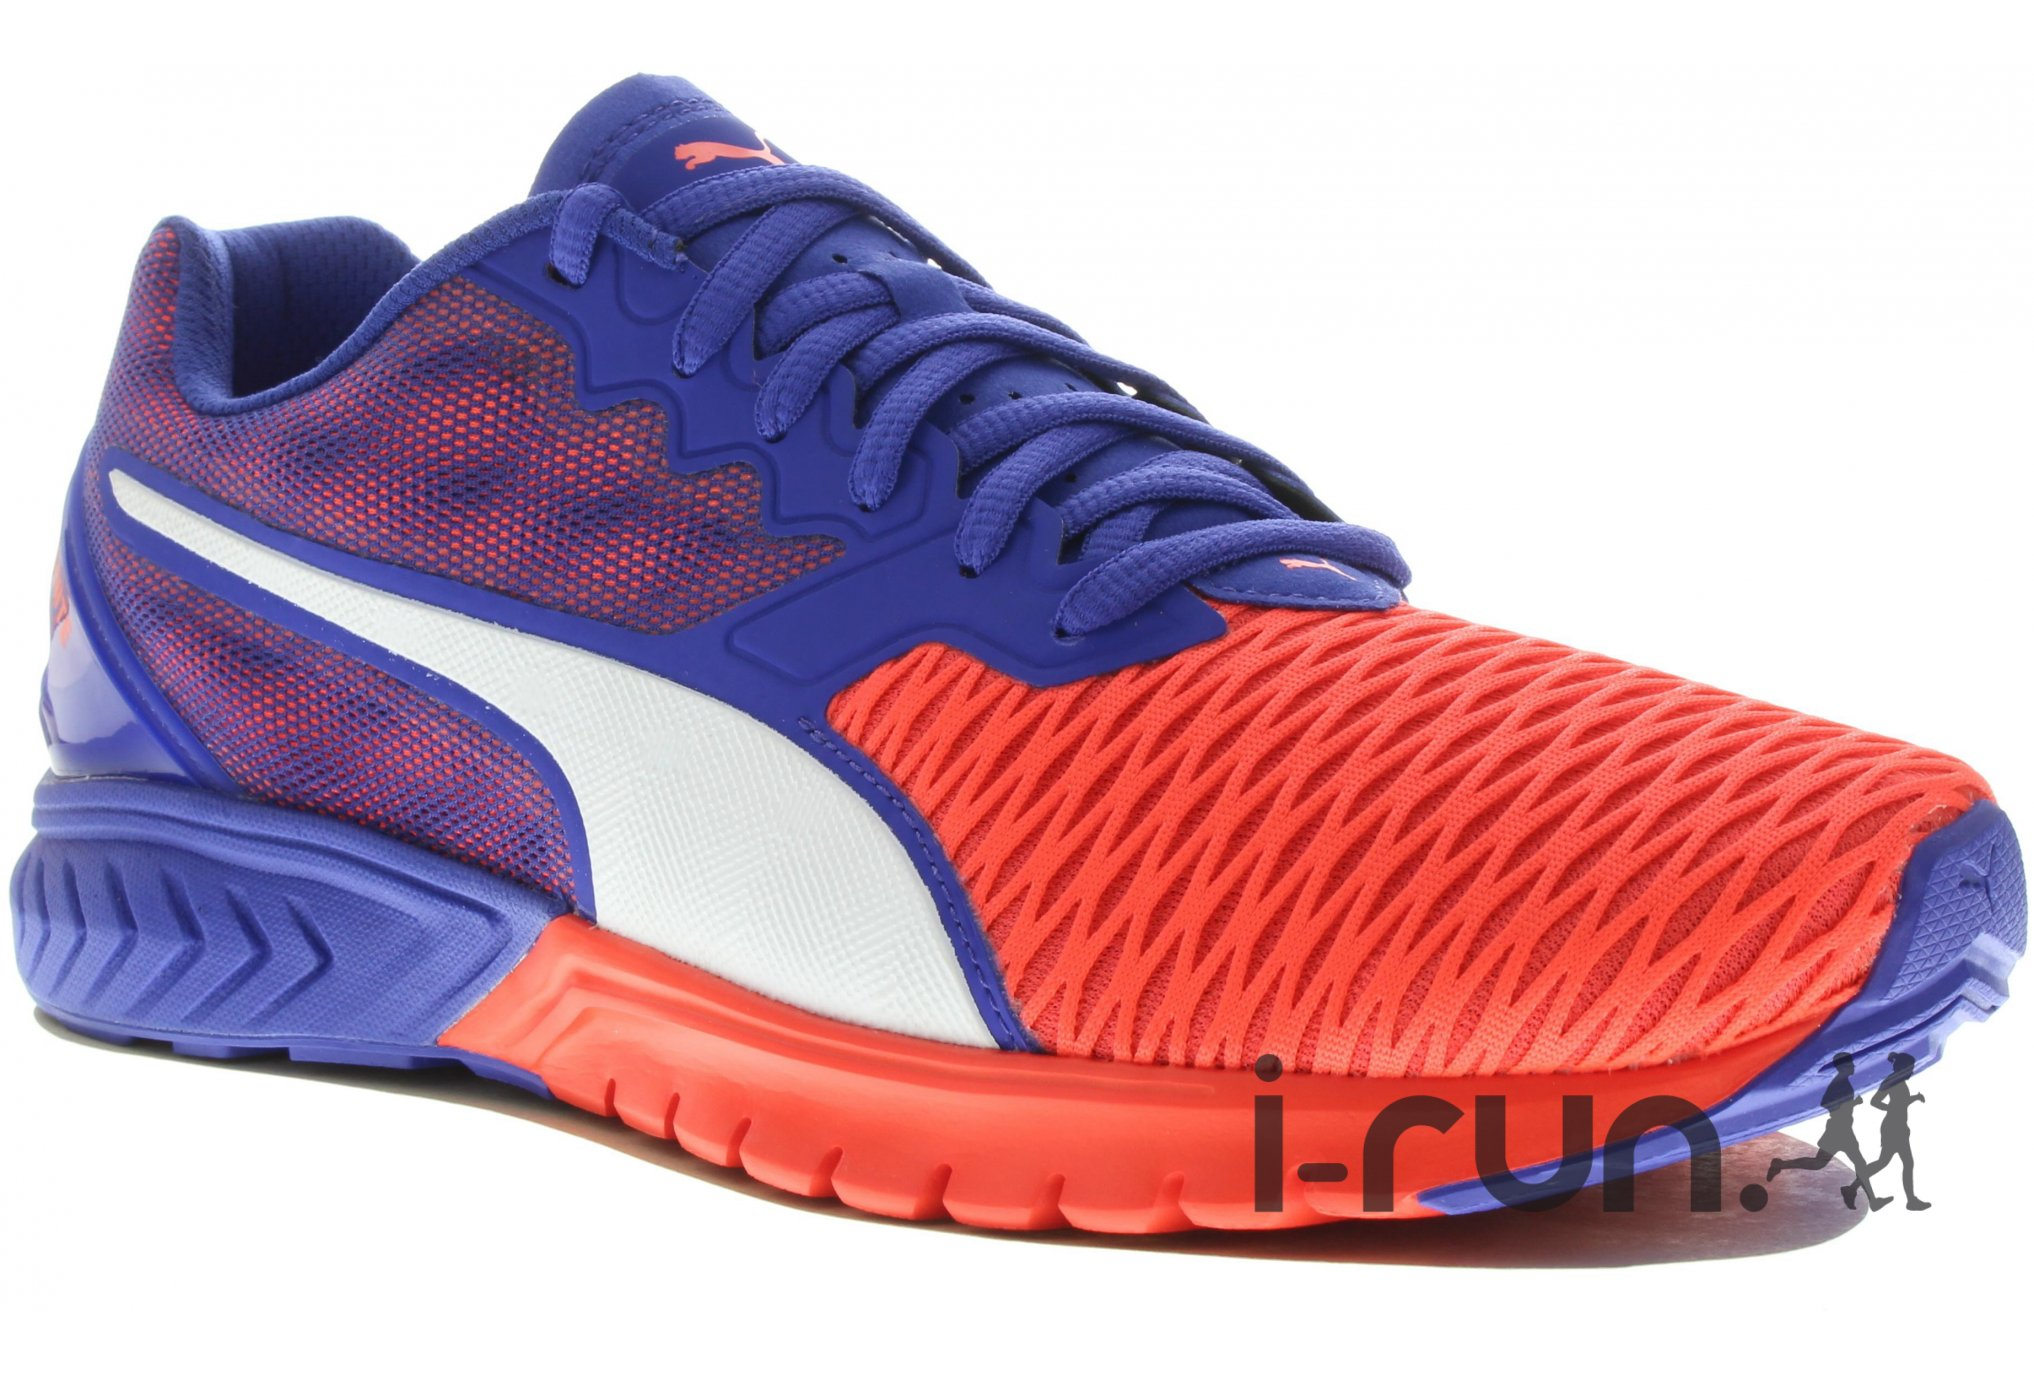 Puma Chaussure Running